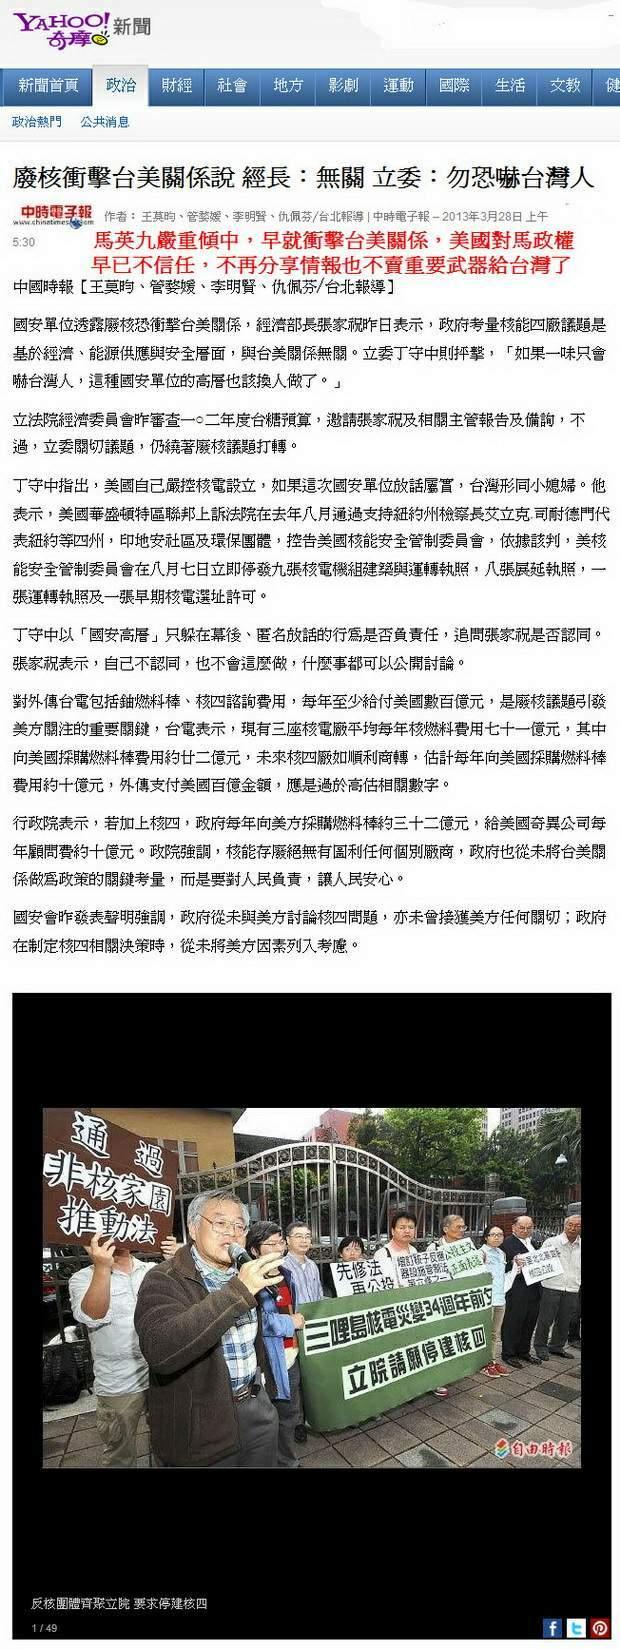 廢核衝擊台美關係說 經長:無關 立委:勿恐嚇台灣人-2013.03.28